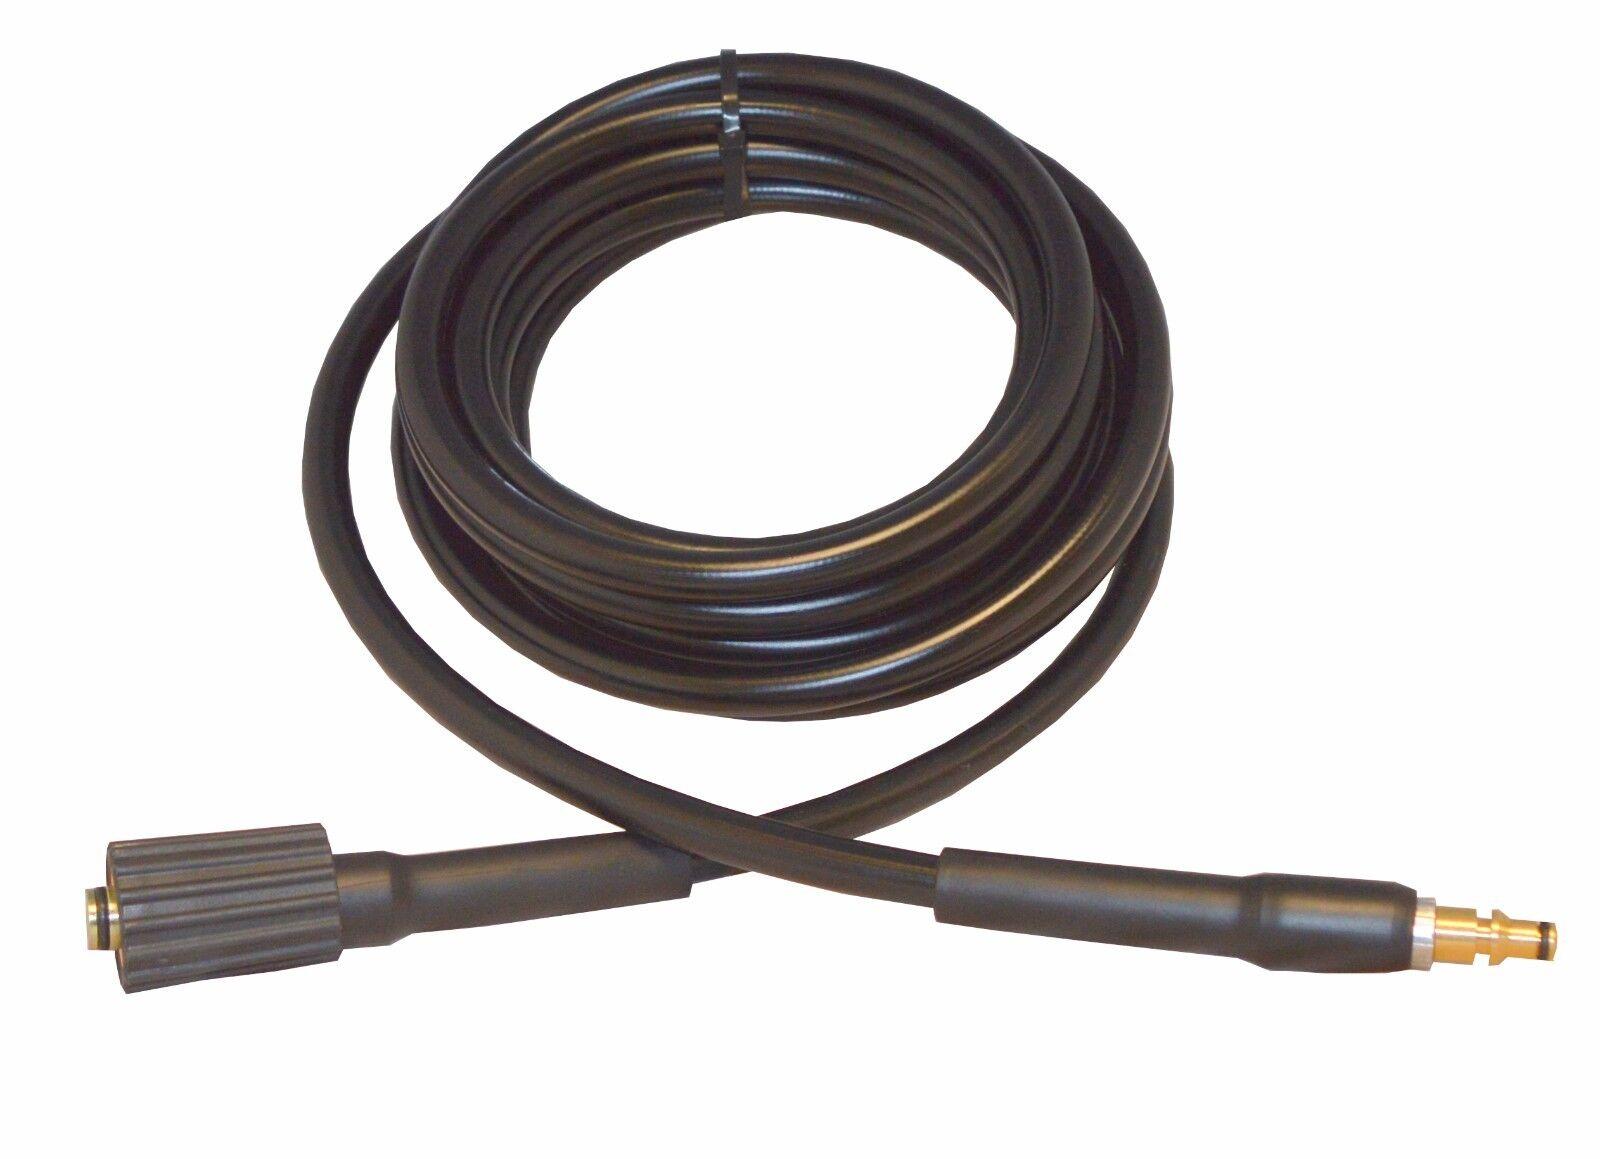 Nuovo nero And Decker Idropulitrice Tubo di Ricambio PW1600 Vite   NS